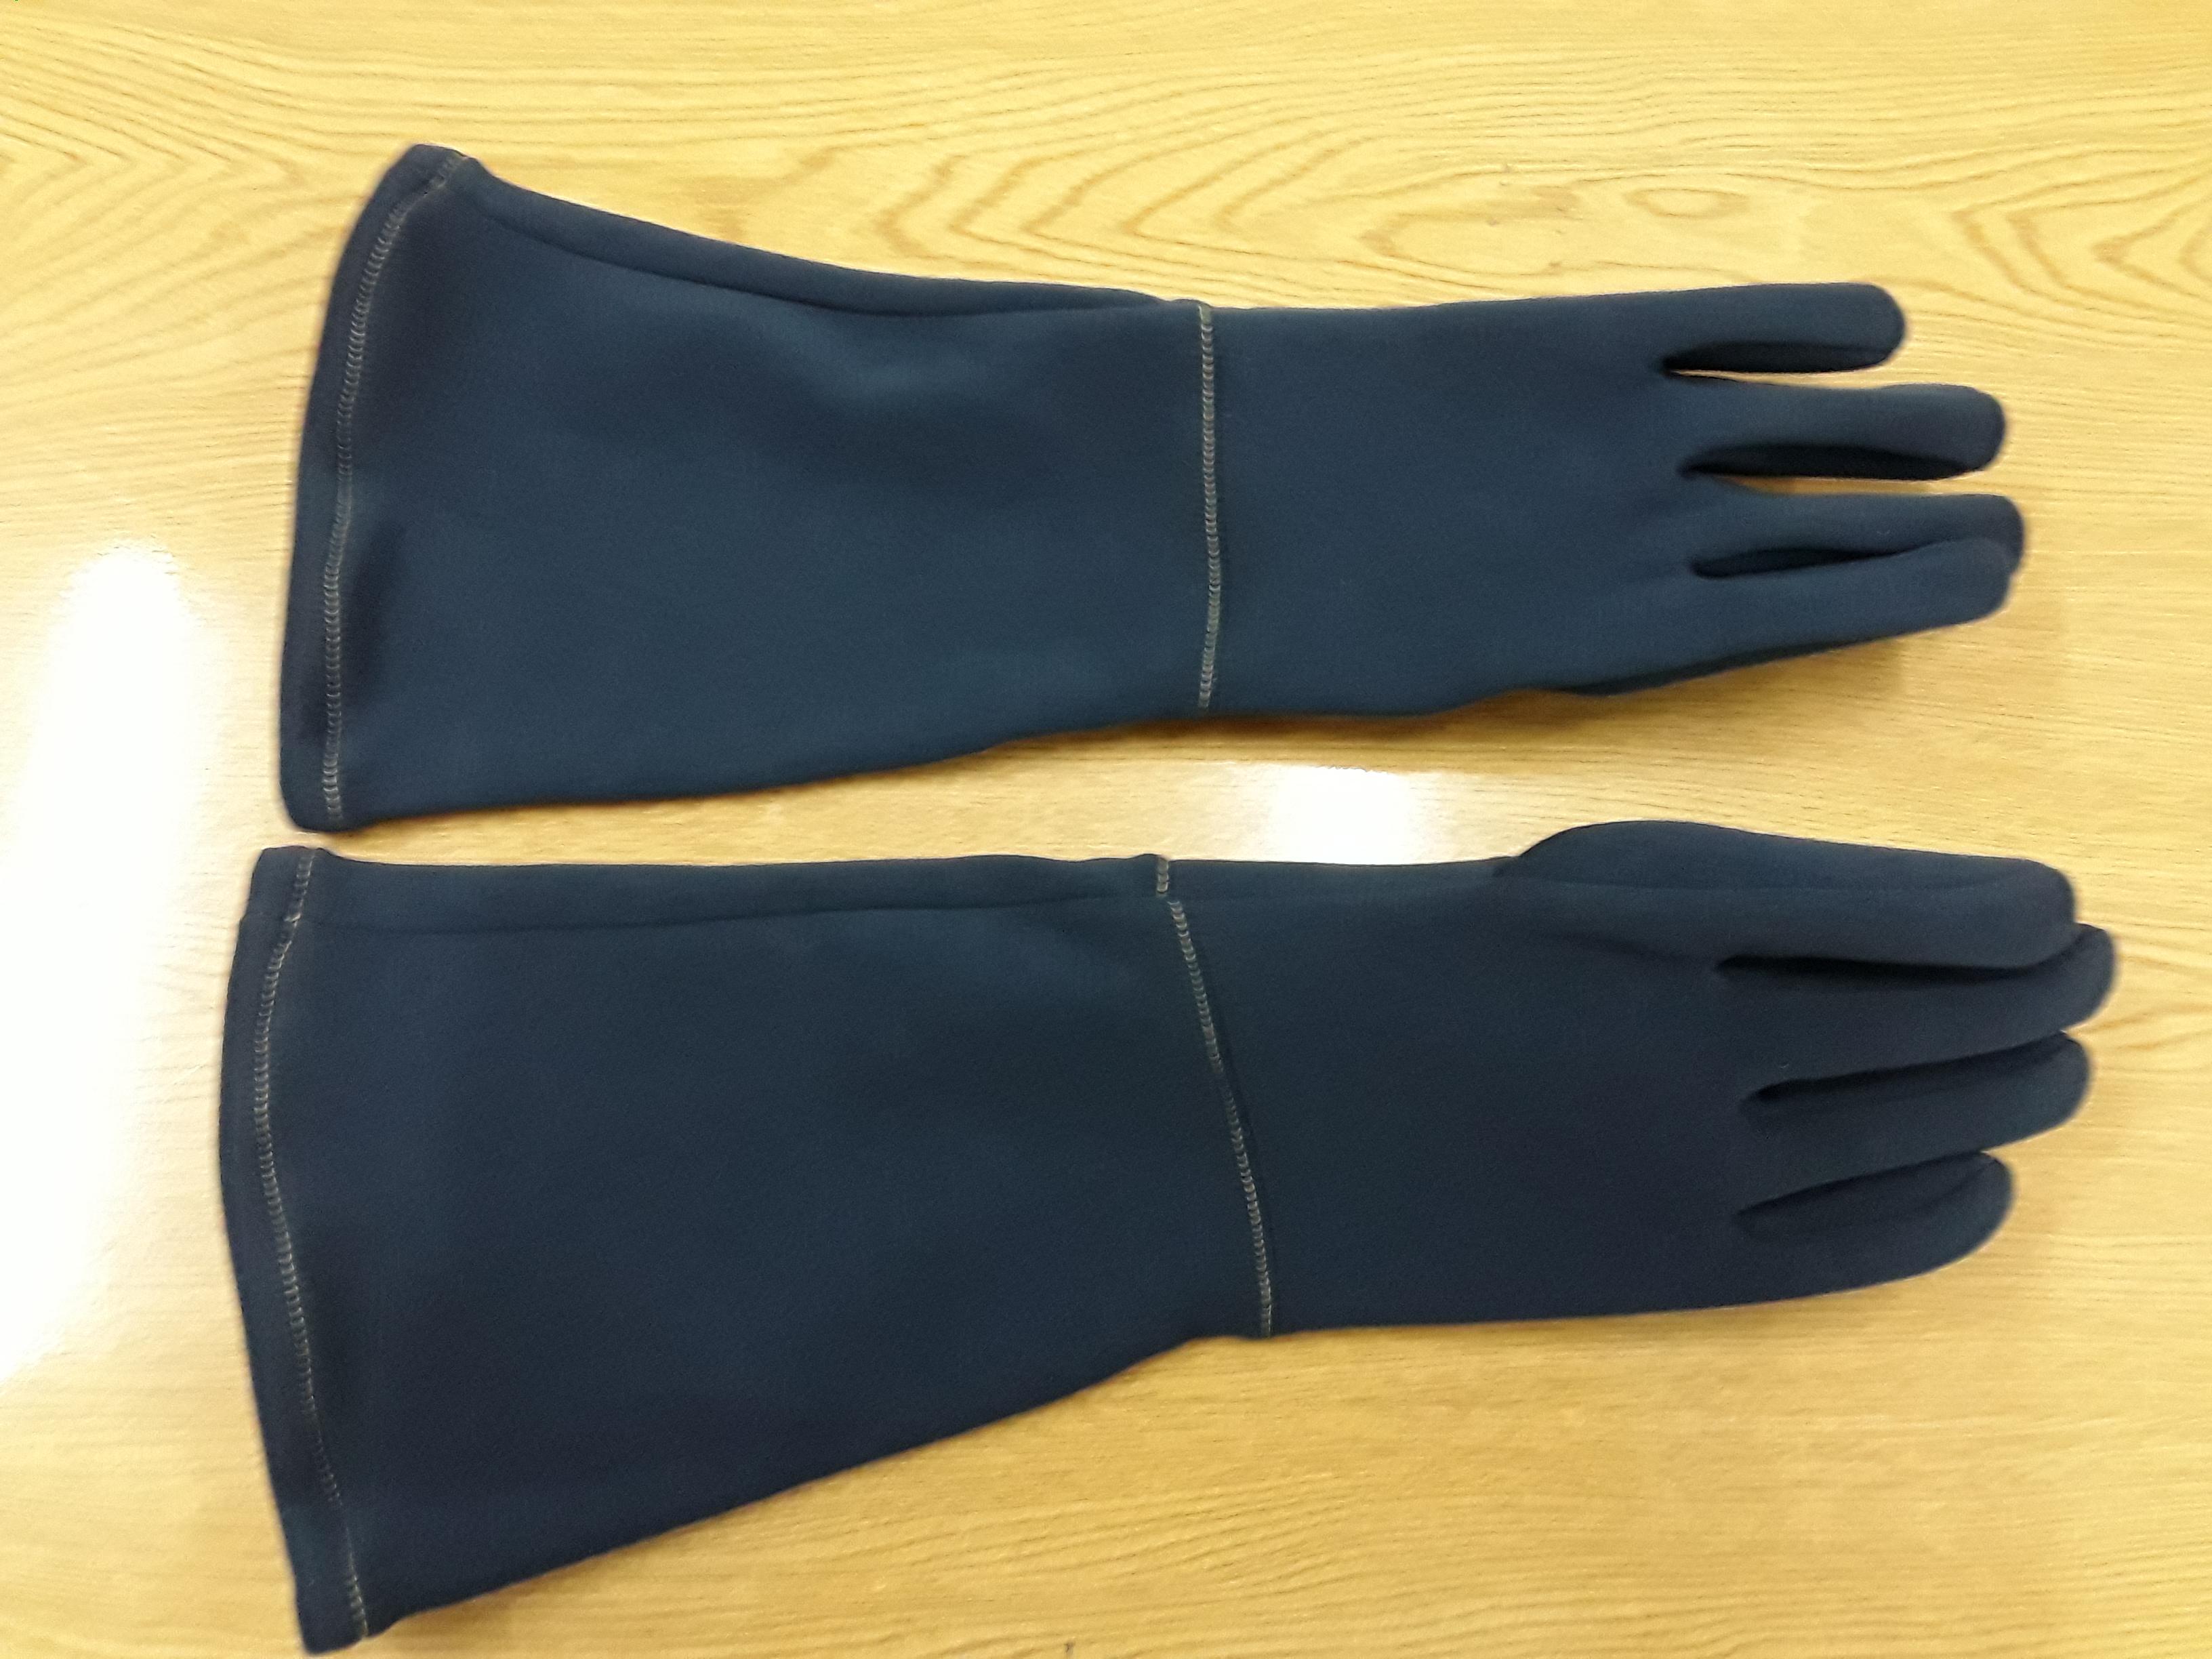 Găng tay chịu nhiệt TMZ-632F Trusco